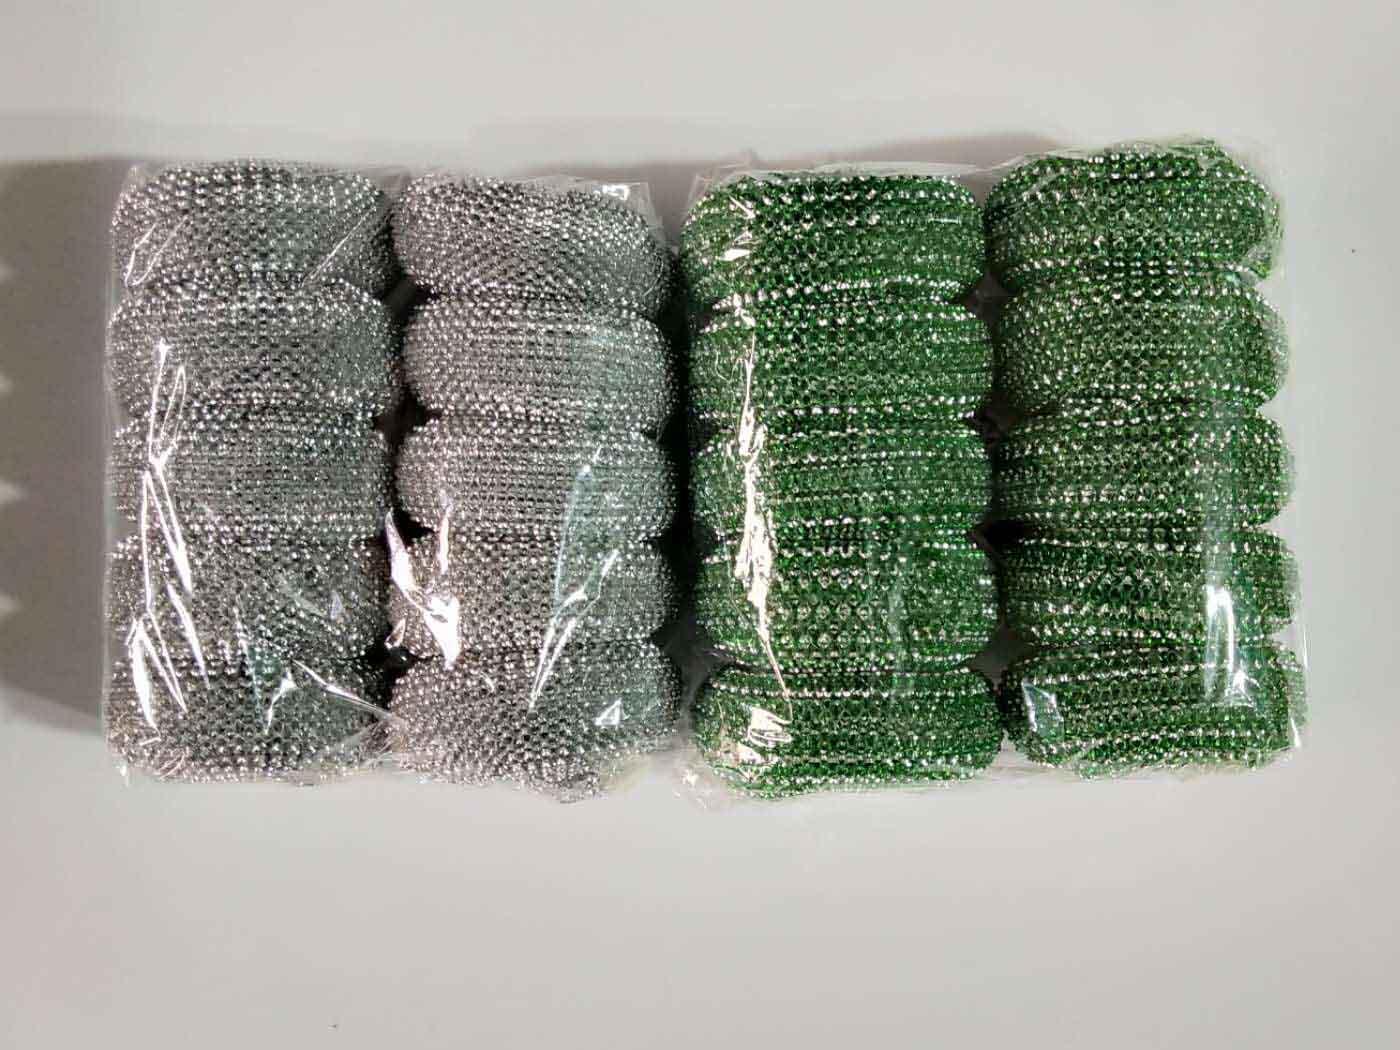 临沂钢丝球供应商推荐 钢丝球厂家